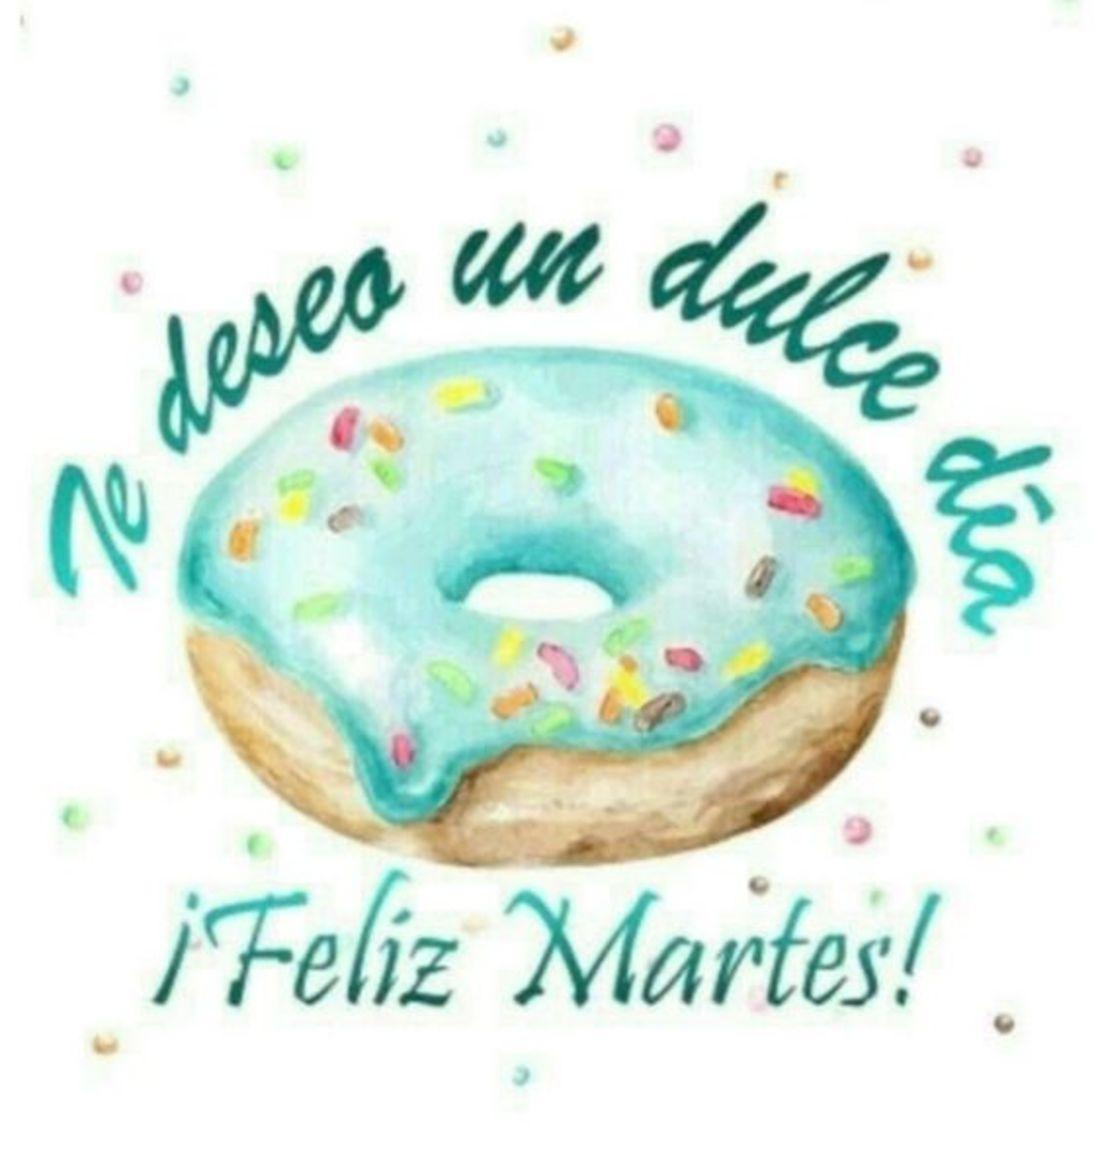 Te deseo un dulce día! Feliz martes